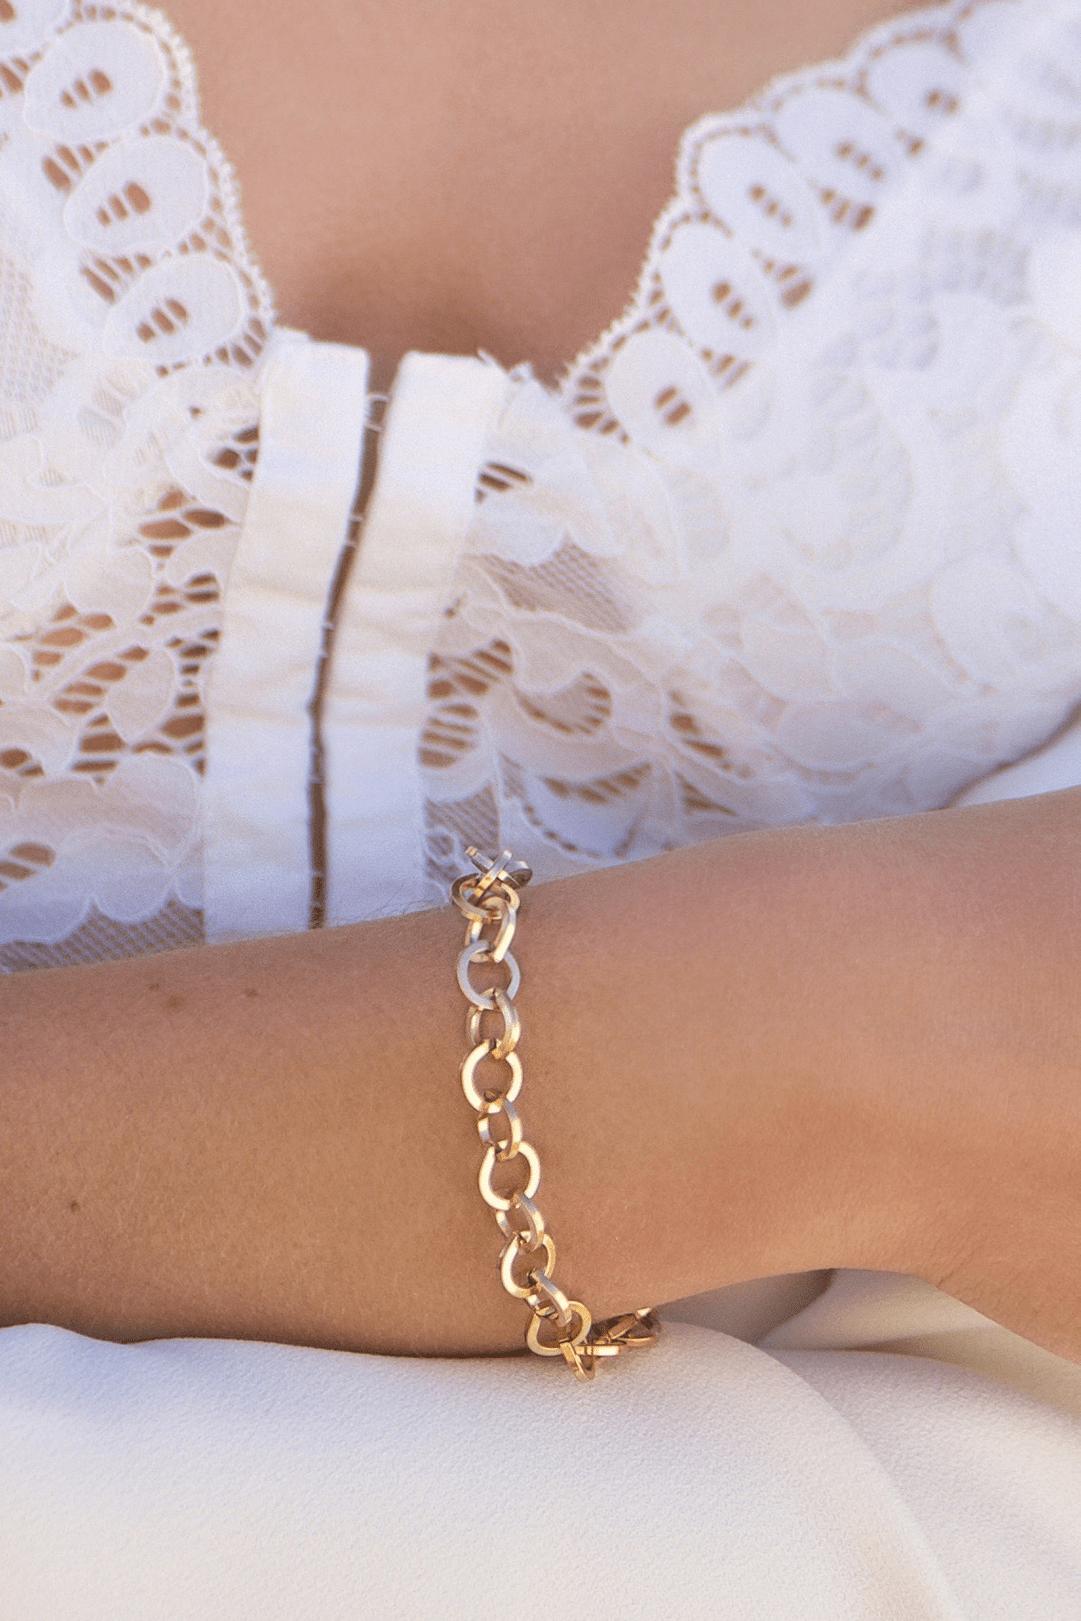 Armkettchen aus gold für den sommer